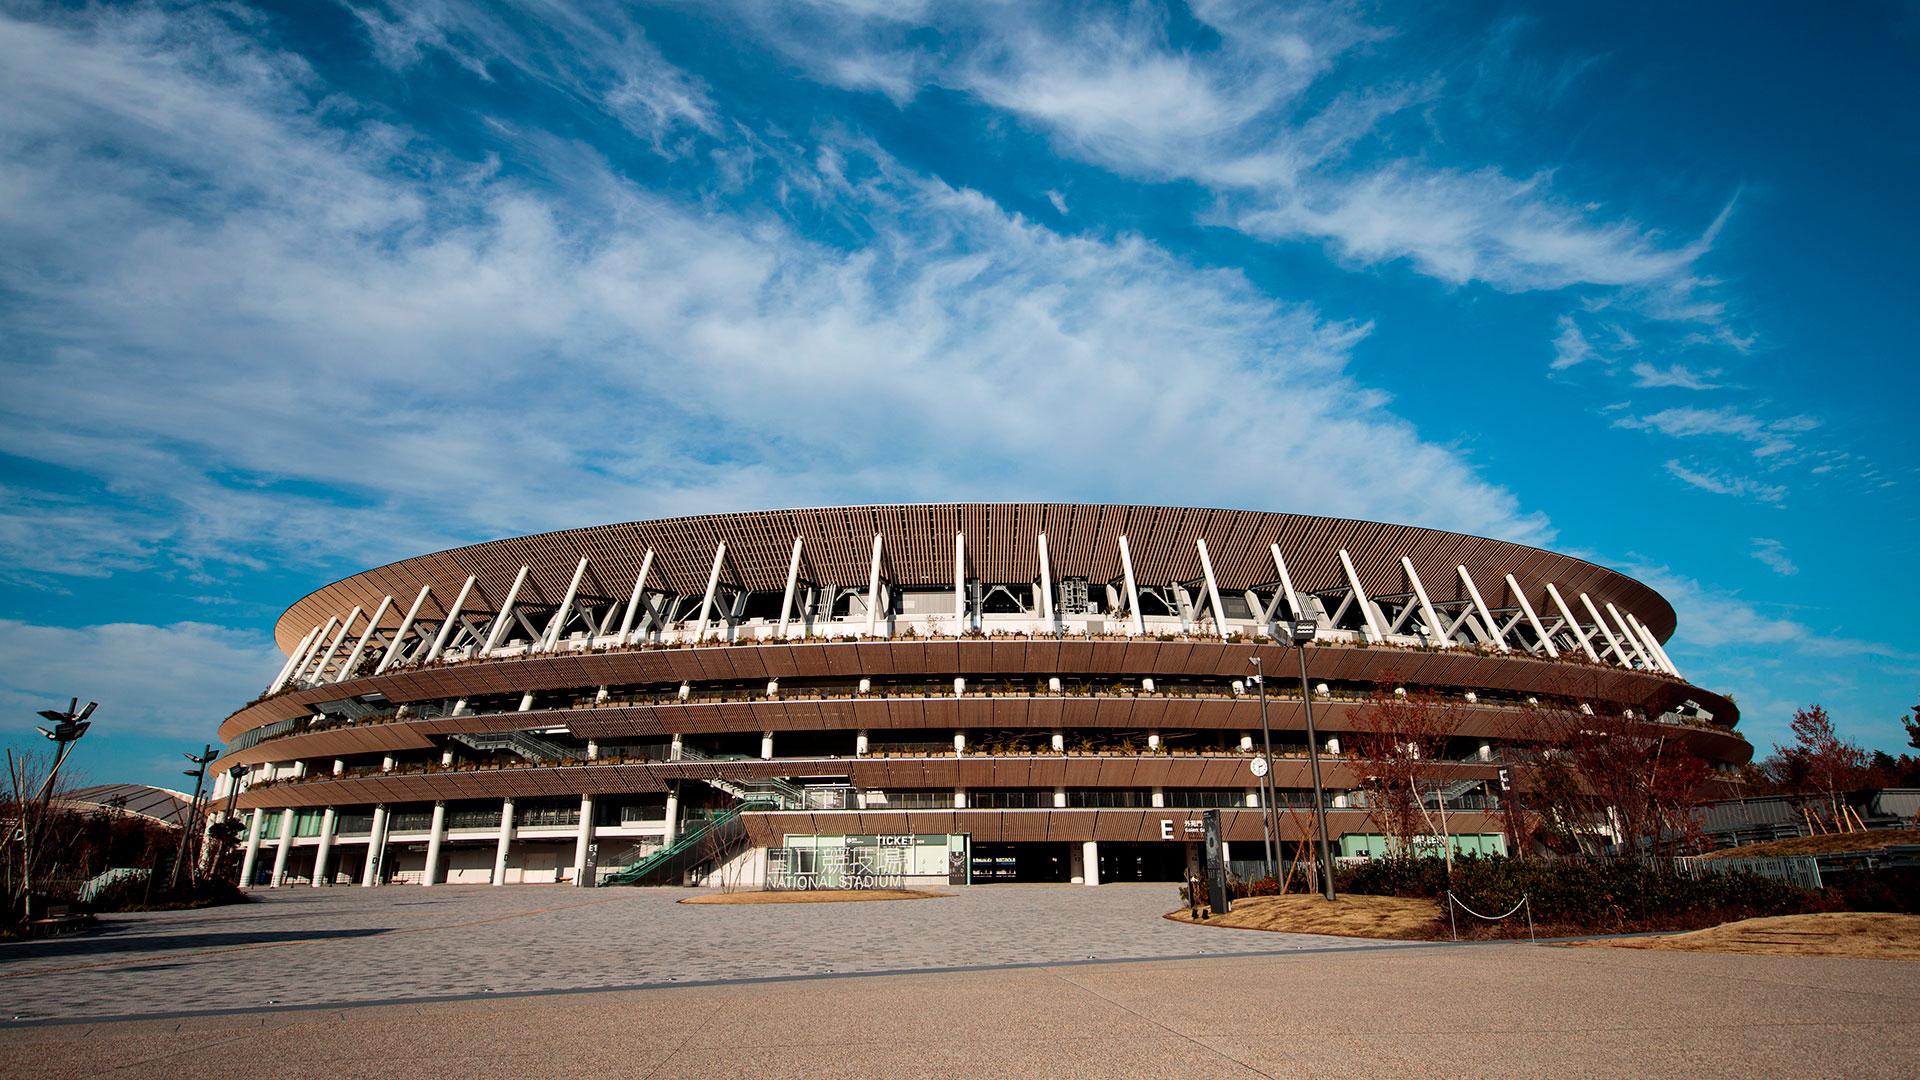 El estadio olímpico, cuyo coste se estima en 157 mil millones de yenes (1.300 millones de euros), acogerá las ceremonias de inauguración y de clausura, así como las pruebas de atletismo y algunos partidos de fútbol